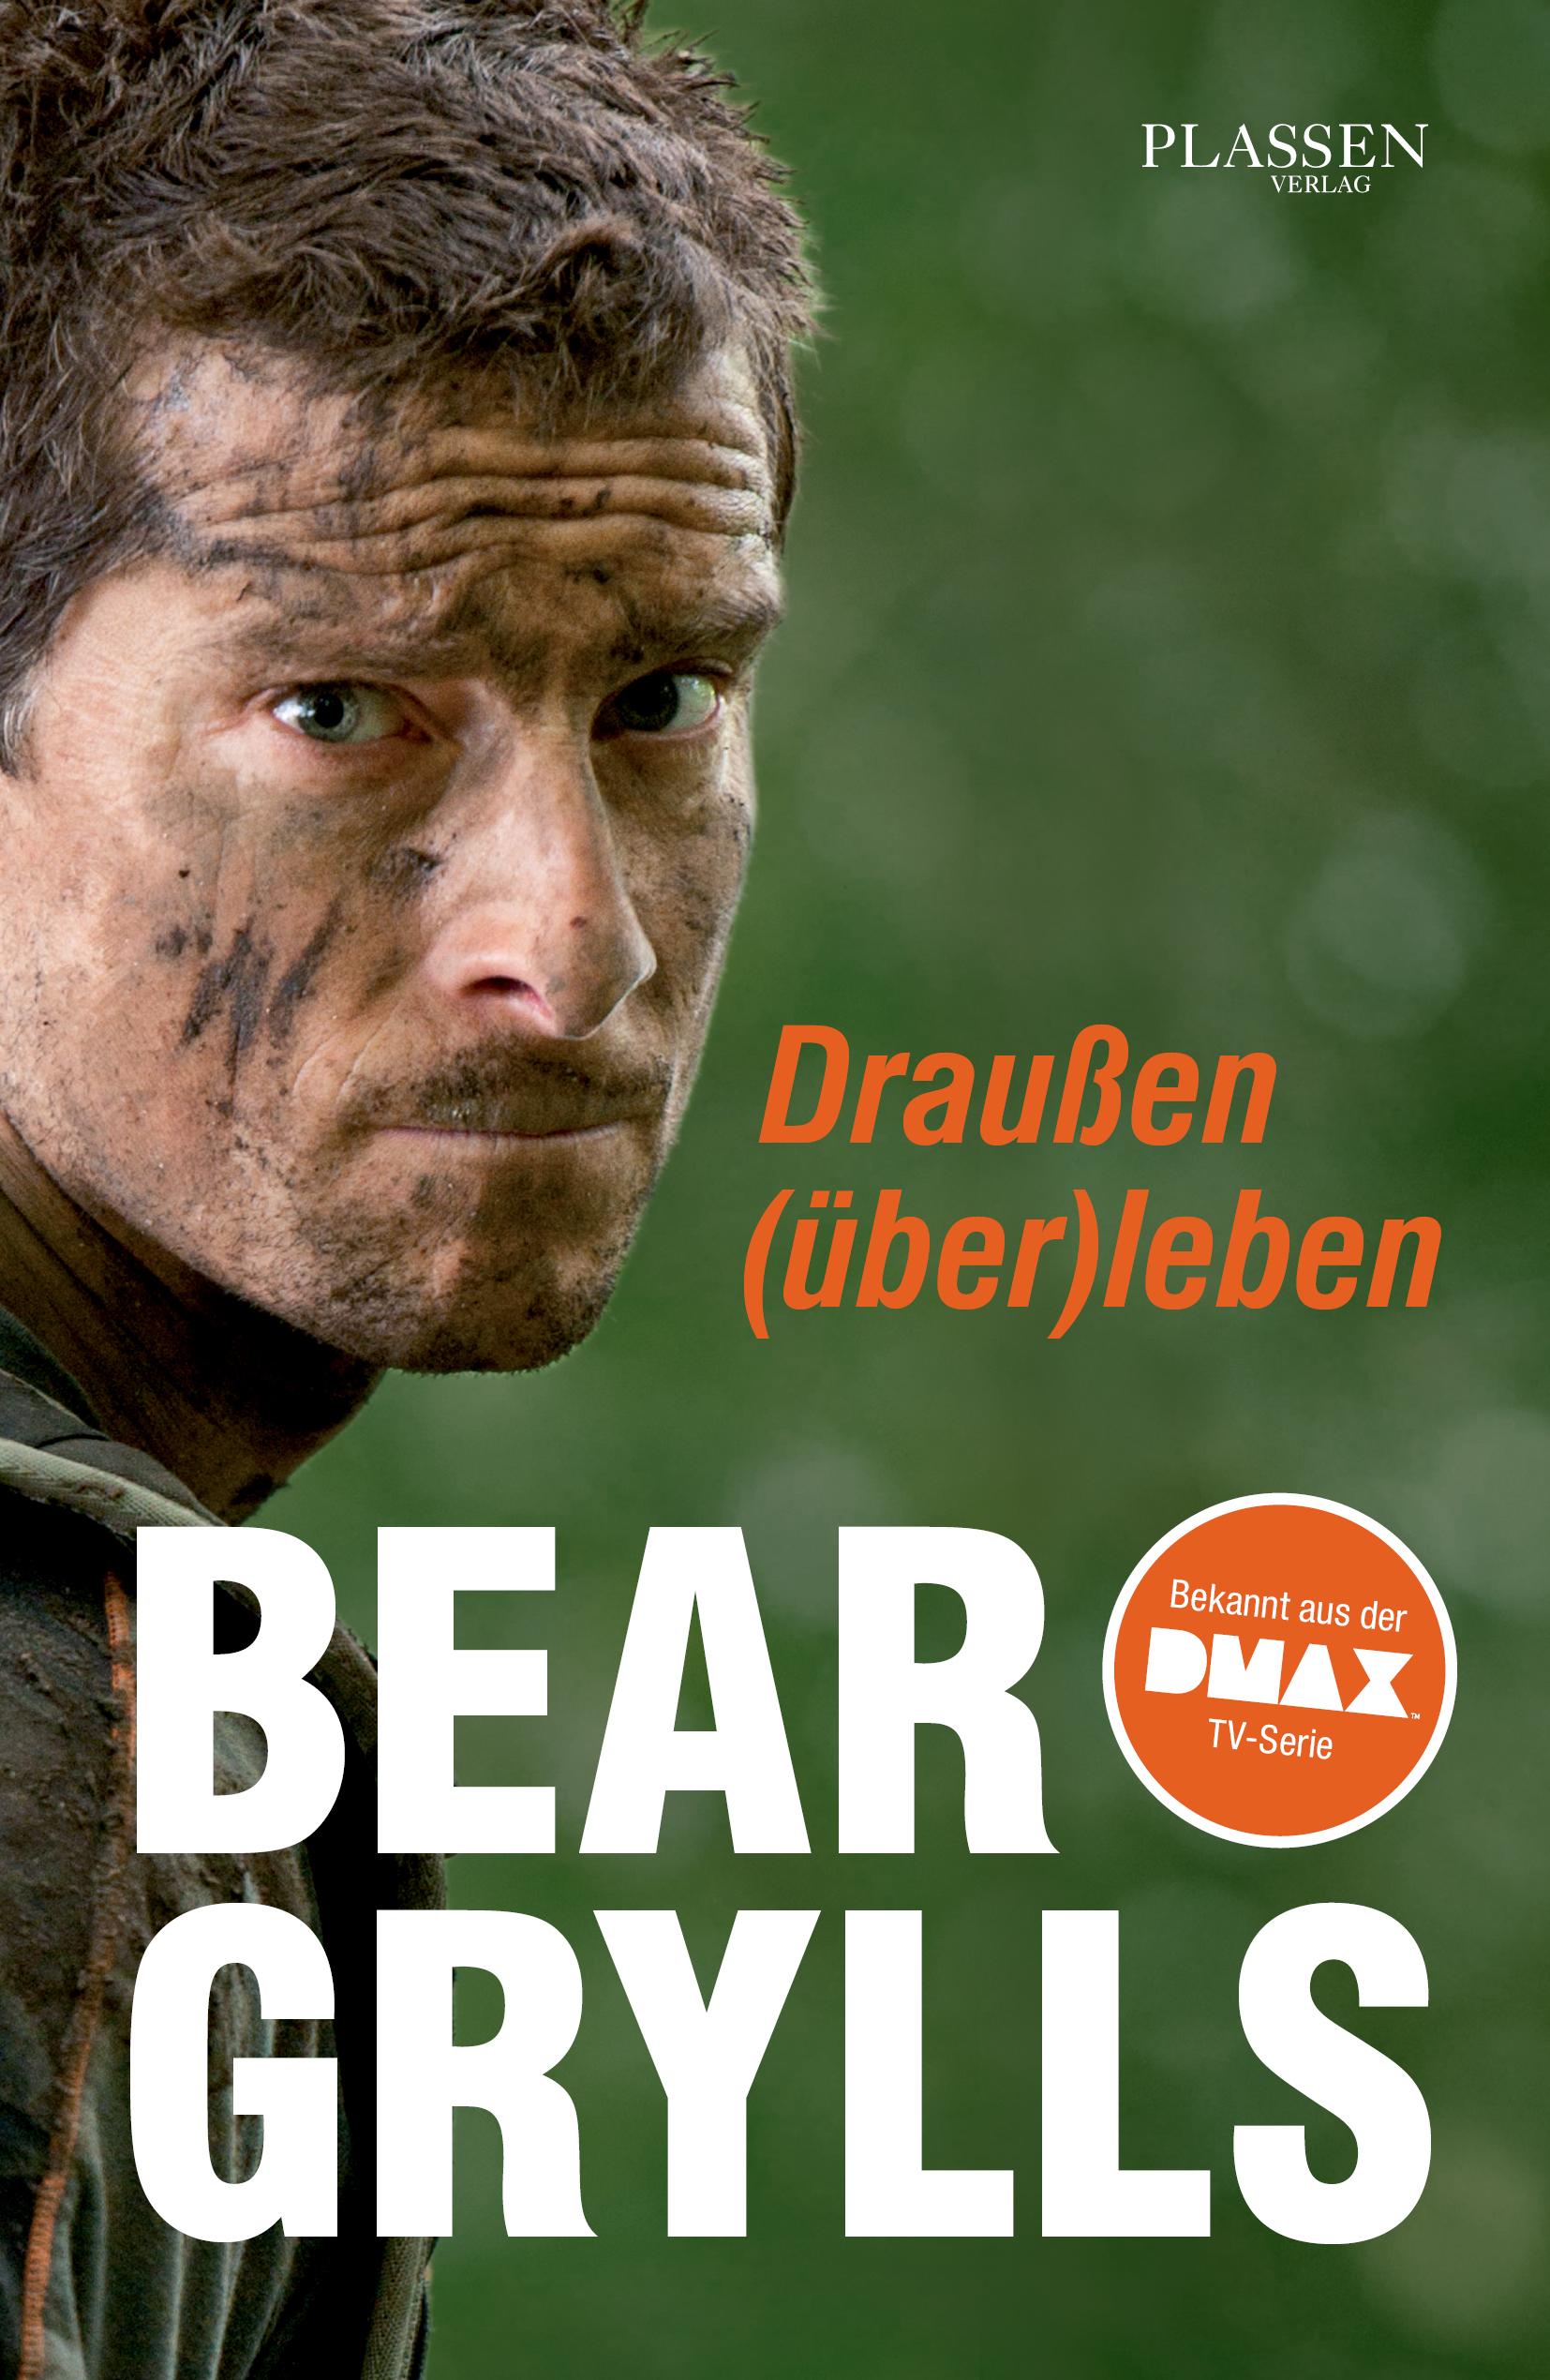 Draußen (über)leben - Bear Grylls [Hardcover]